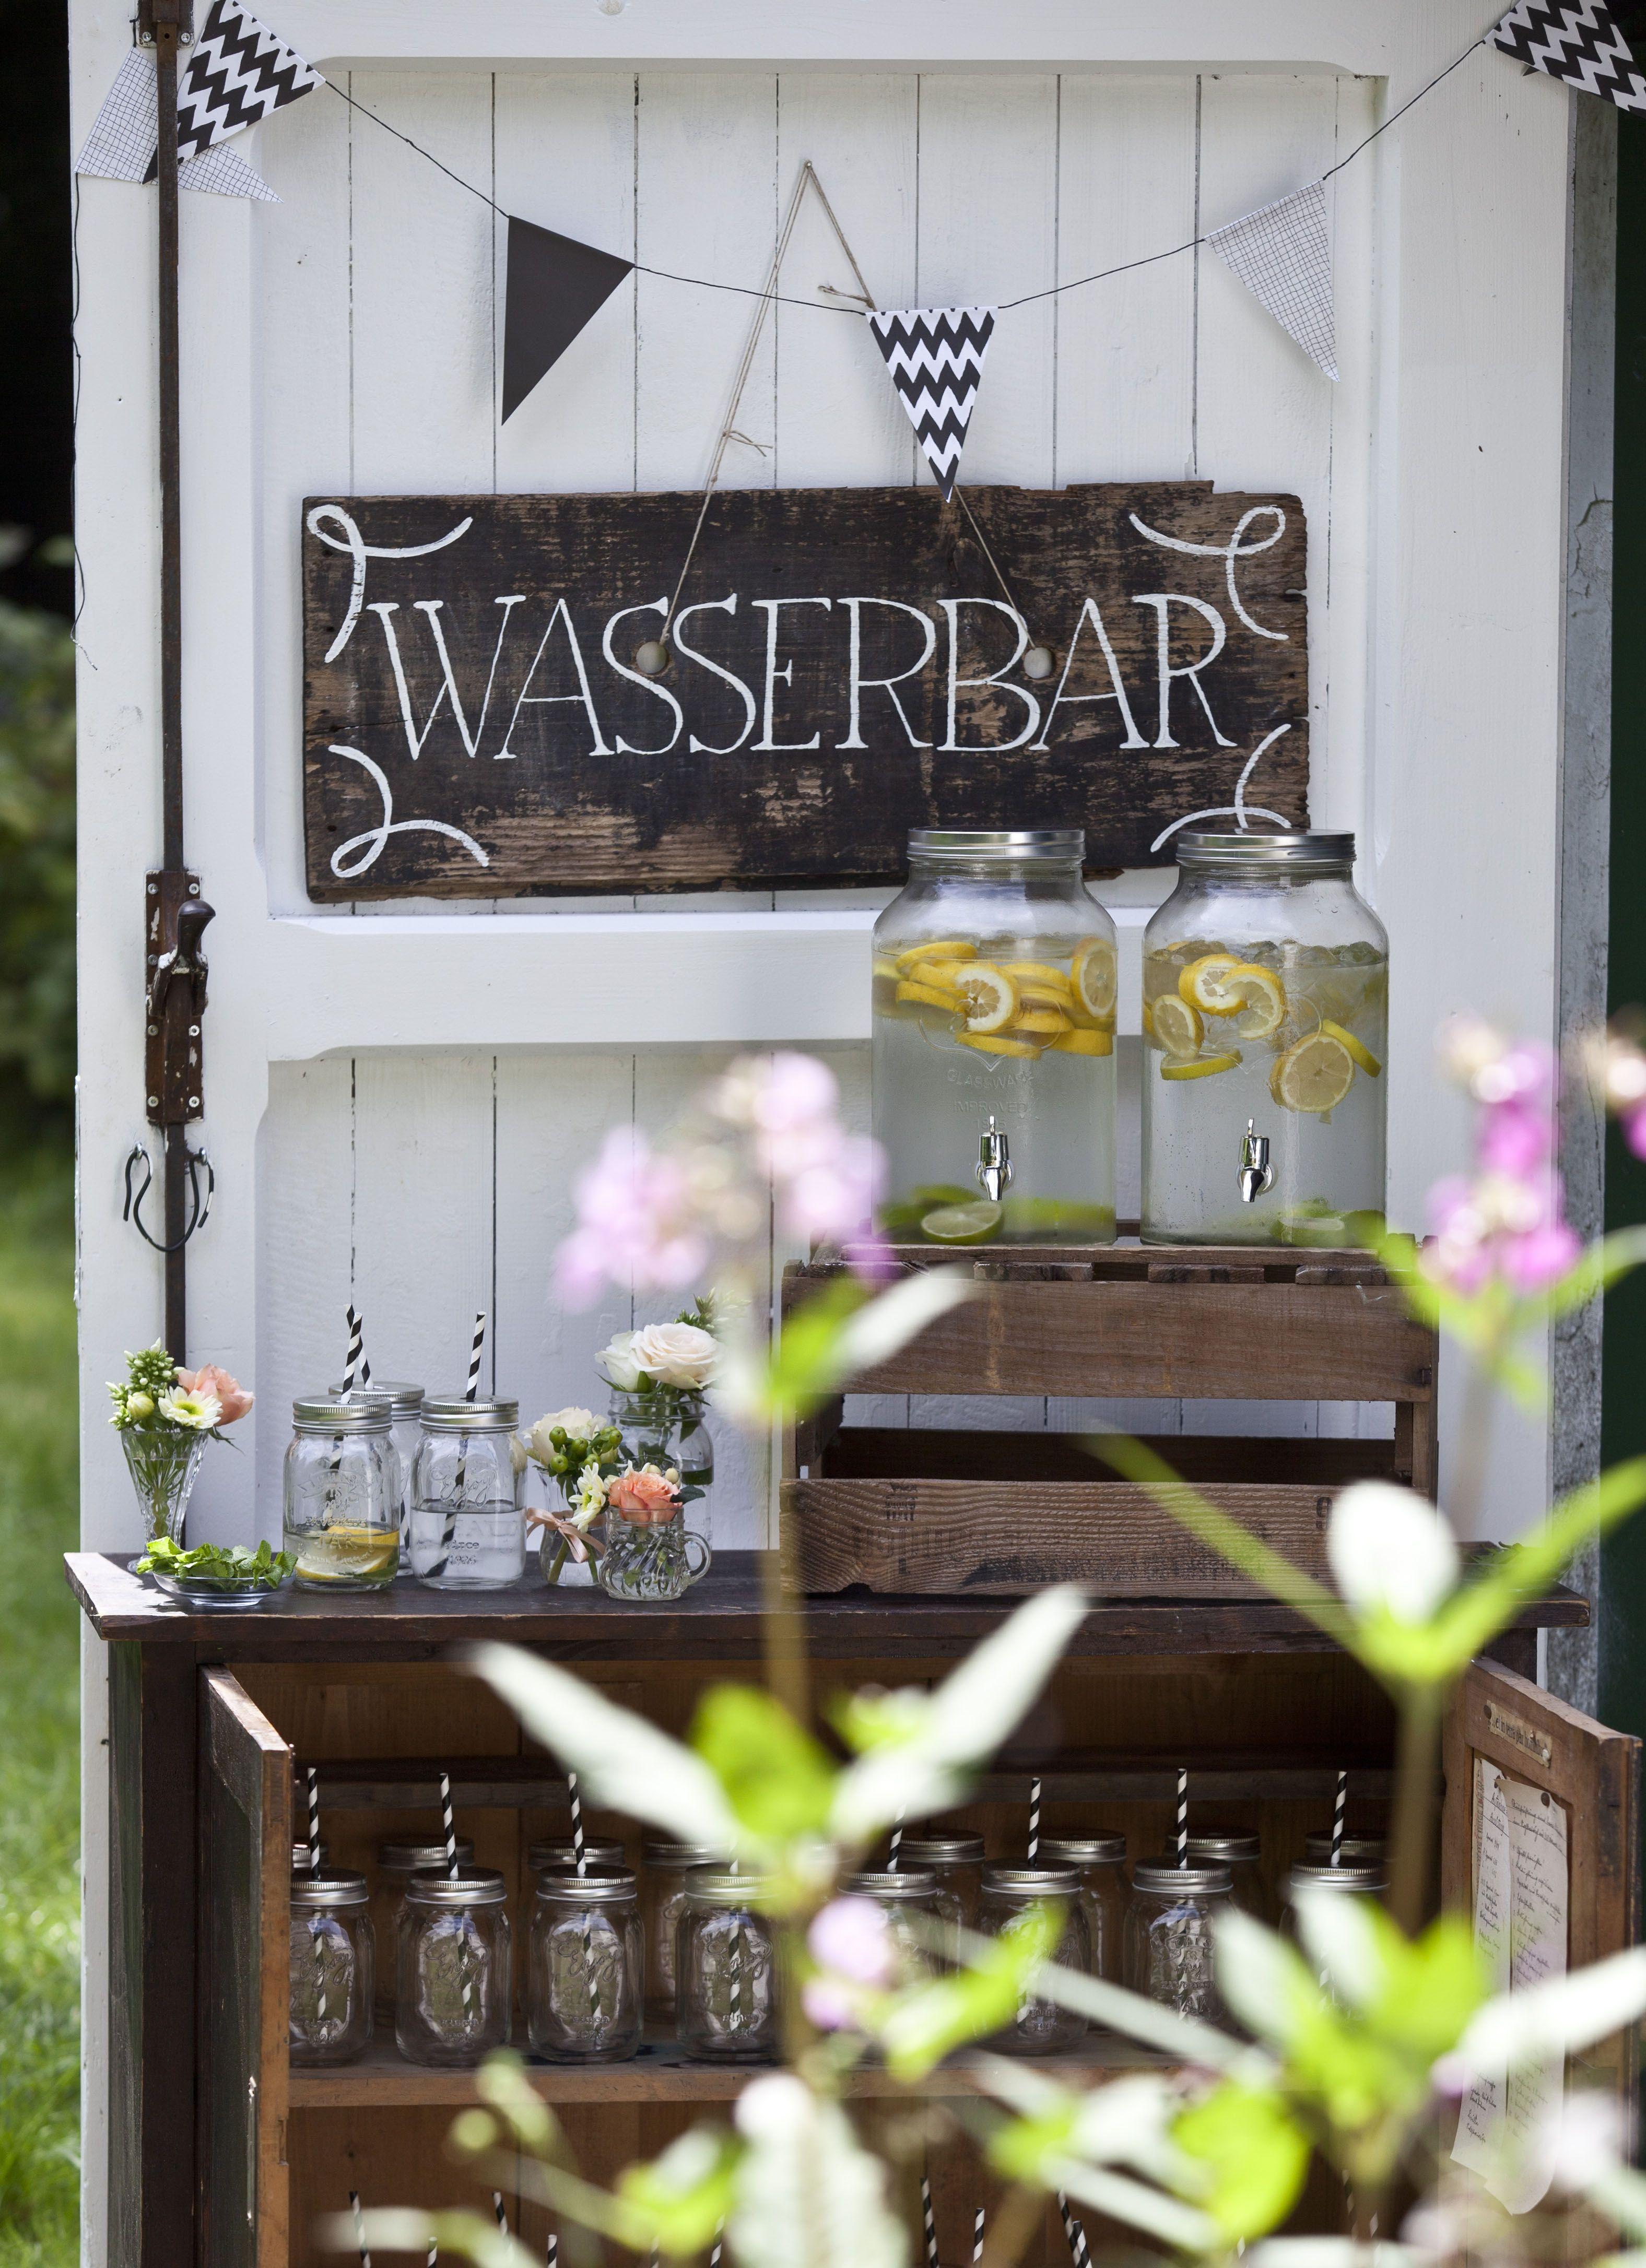 Limospender oder Wasserspender Ob als Limo oder Wasserbar einsetzbar einfach Wasser und Frchte rein fertig  Wedding  Pinterest  Wedding